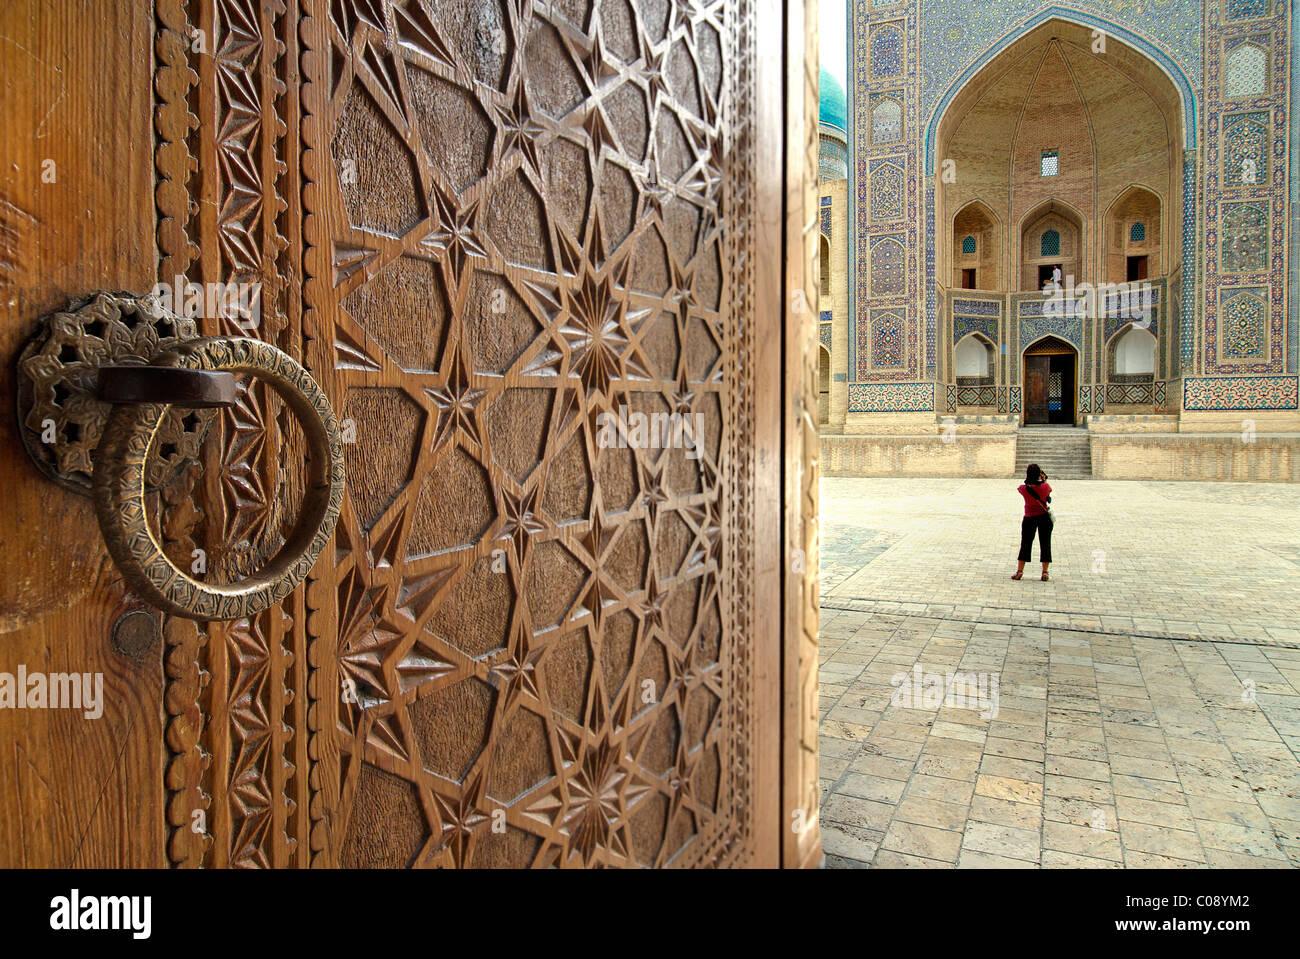 Die Mir-i-Arab Medrese gesehen über die kunstvollen geschnitzten Türen der Kalon-Moschee, Buchara, Usbekistan Stockbild